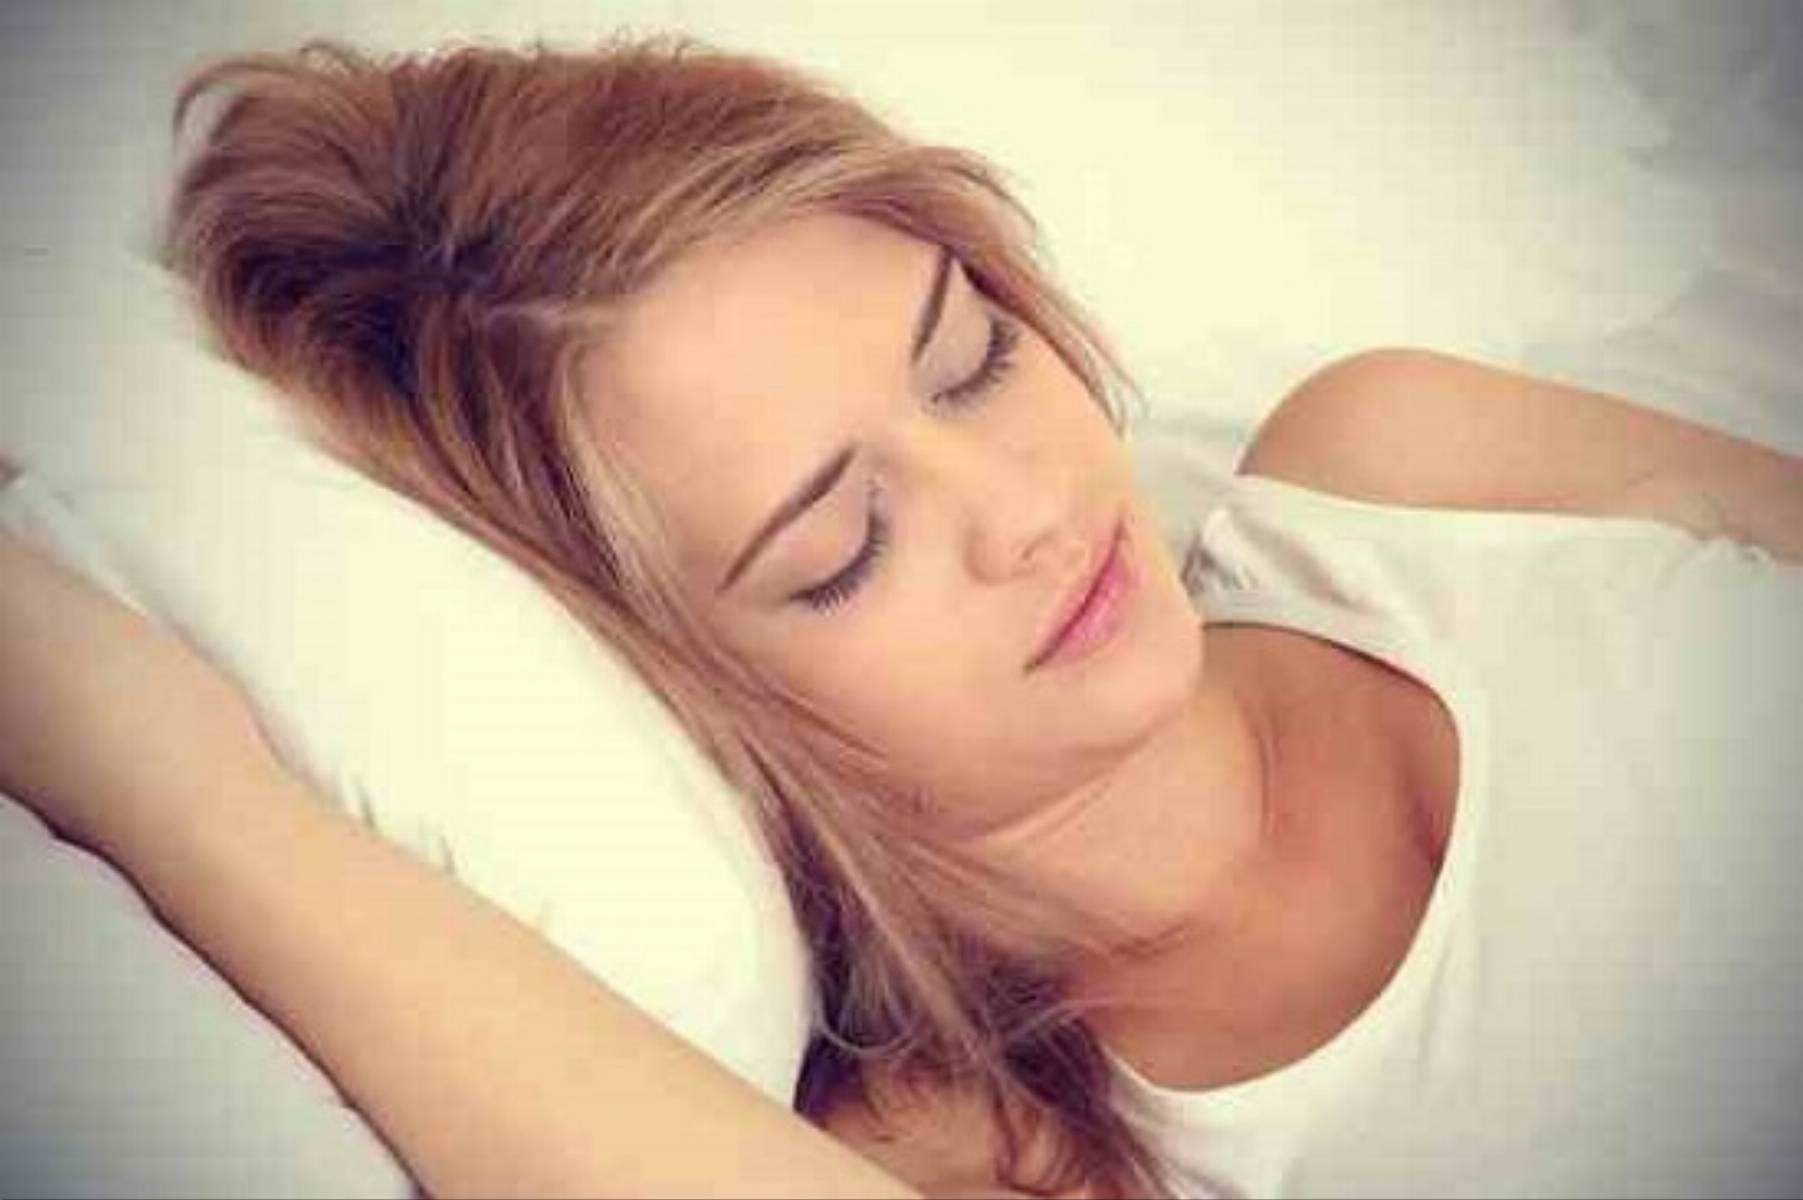 jak leczyć się podczas snu